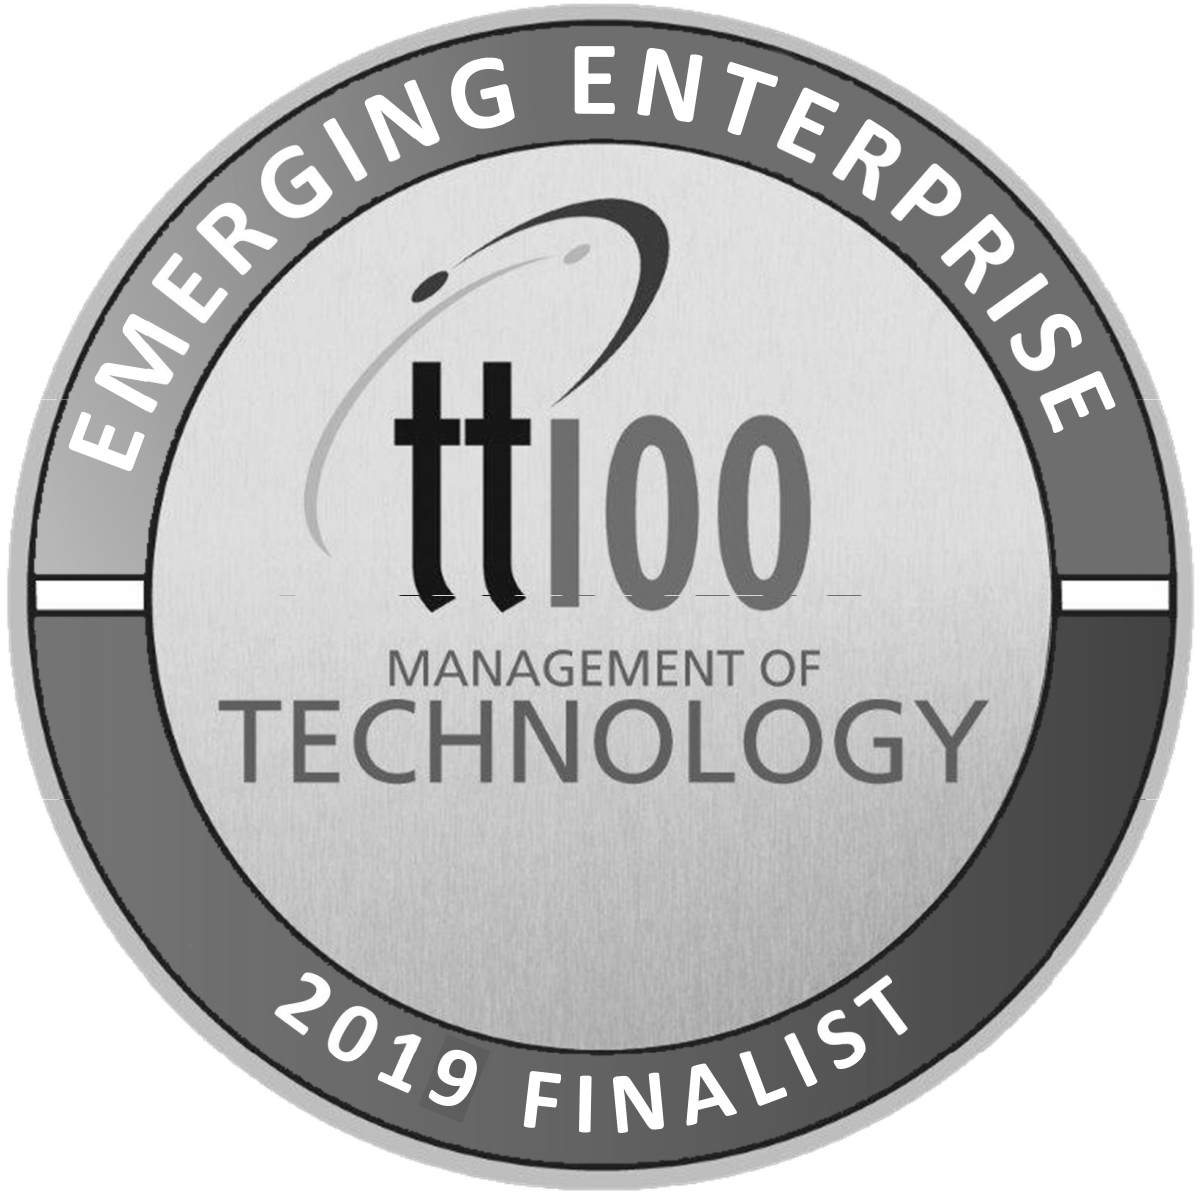 tt100-seal-management-of-technology-01